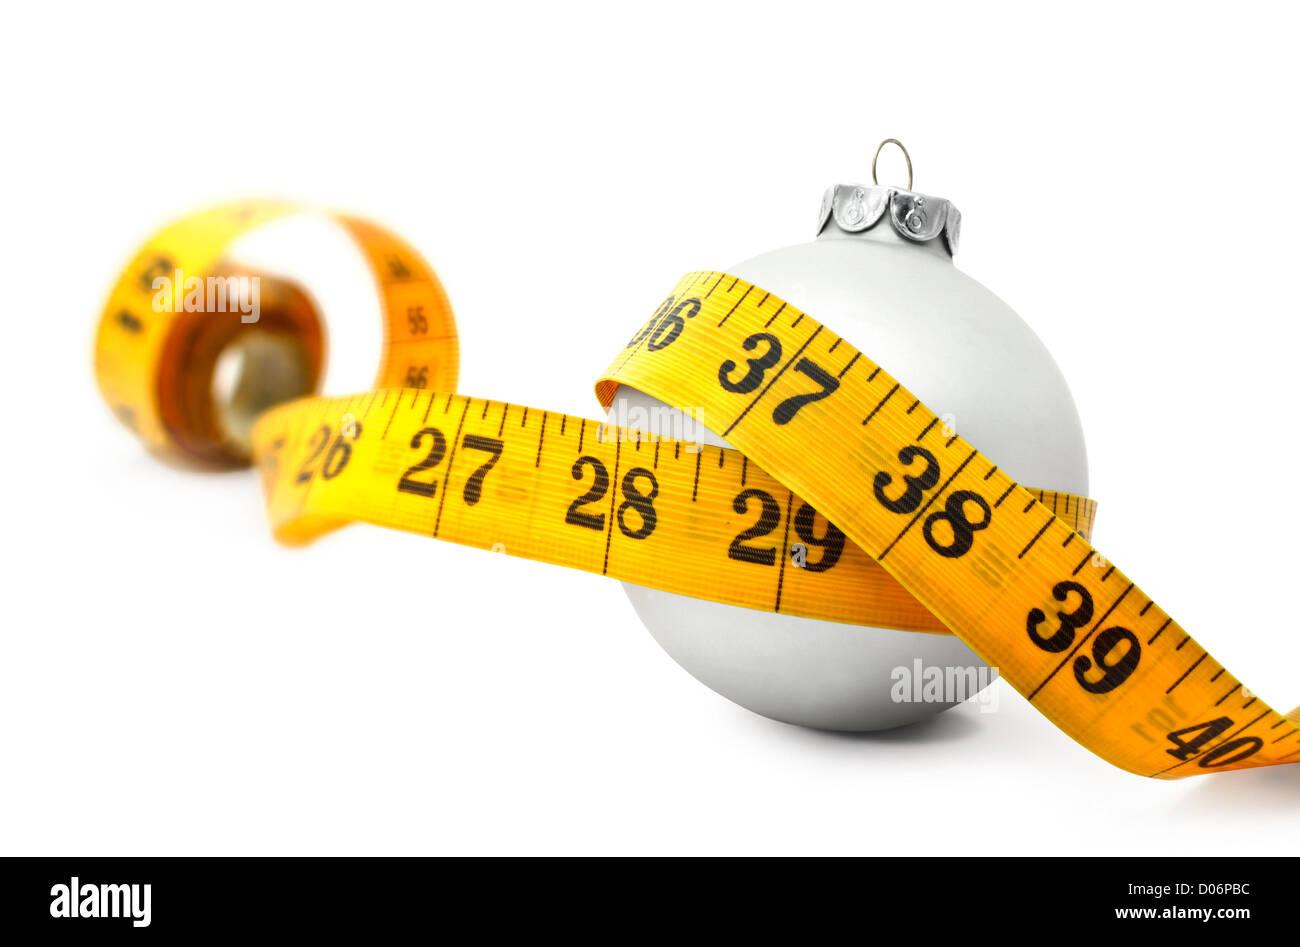 Cinta métrica alrededor de un concepto de adornos de Navidad simboliza la ganancia de peso por comer demasiados Imagen De Stock